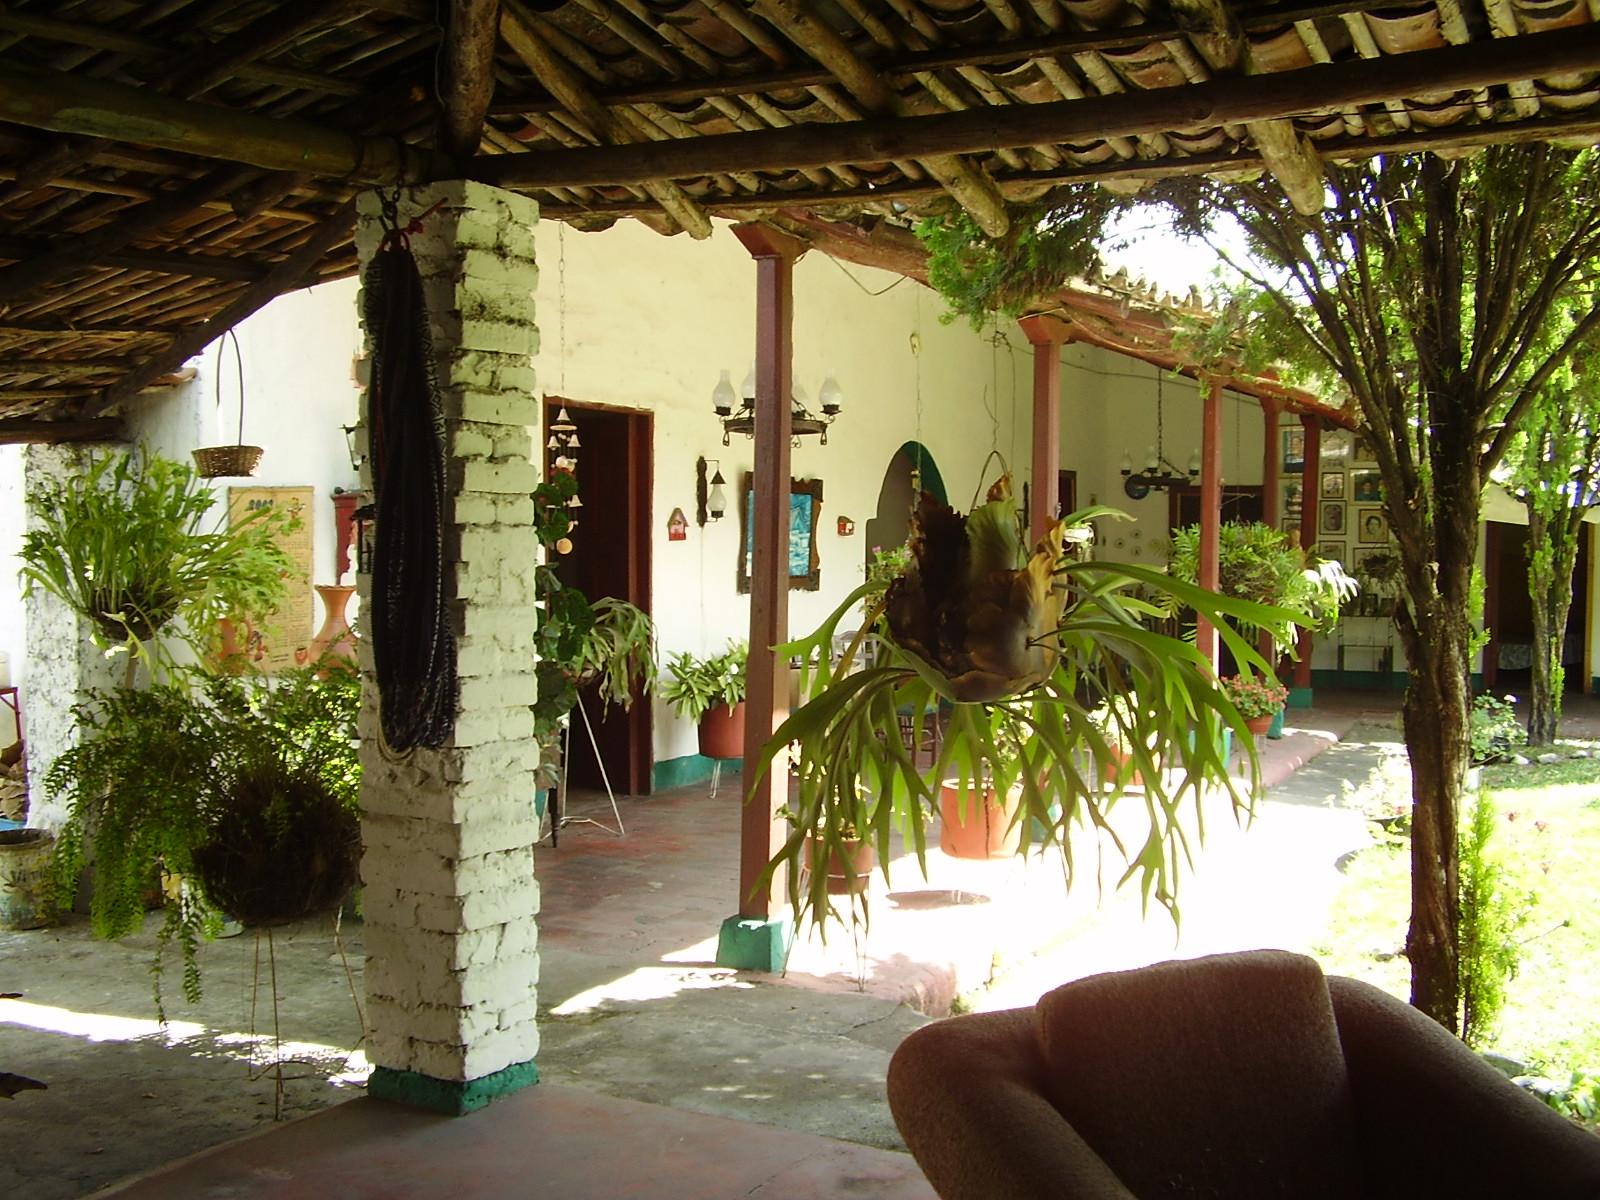 FileCasa Colonial en Bahareque Manzana 81 Predio 007 El